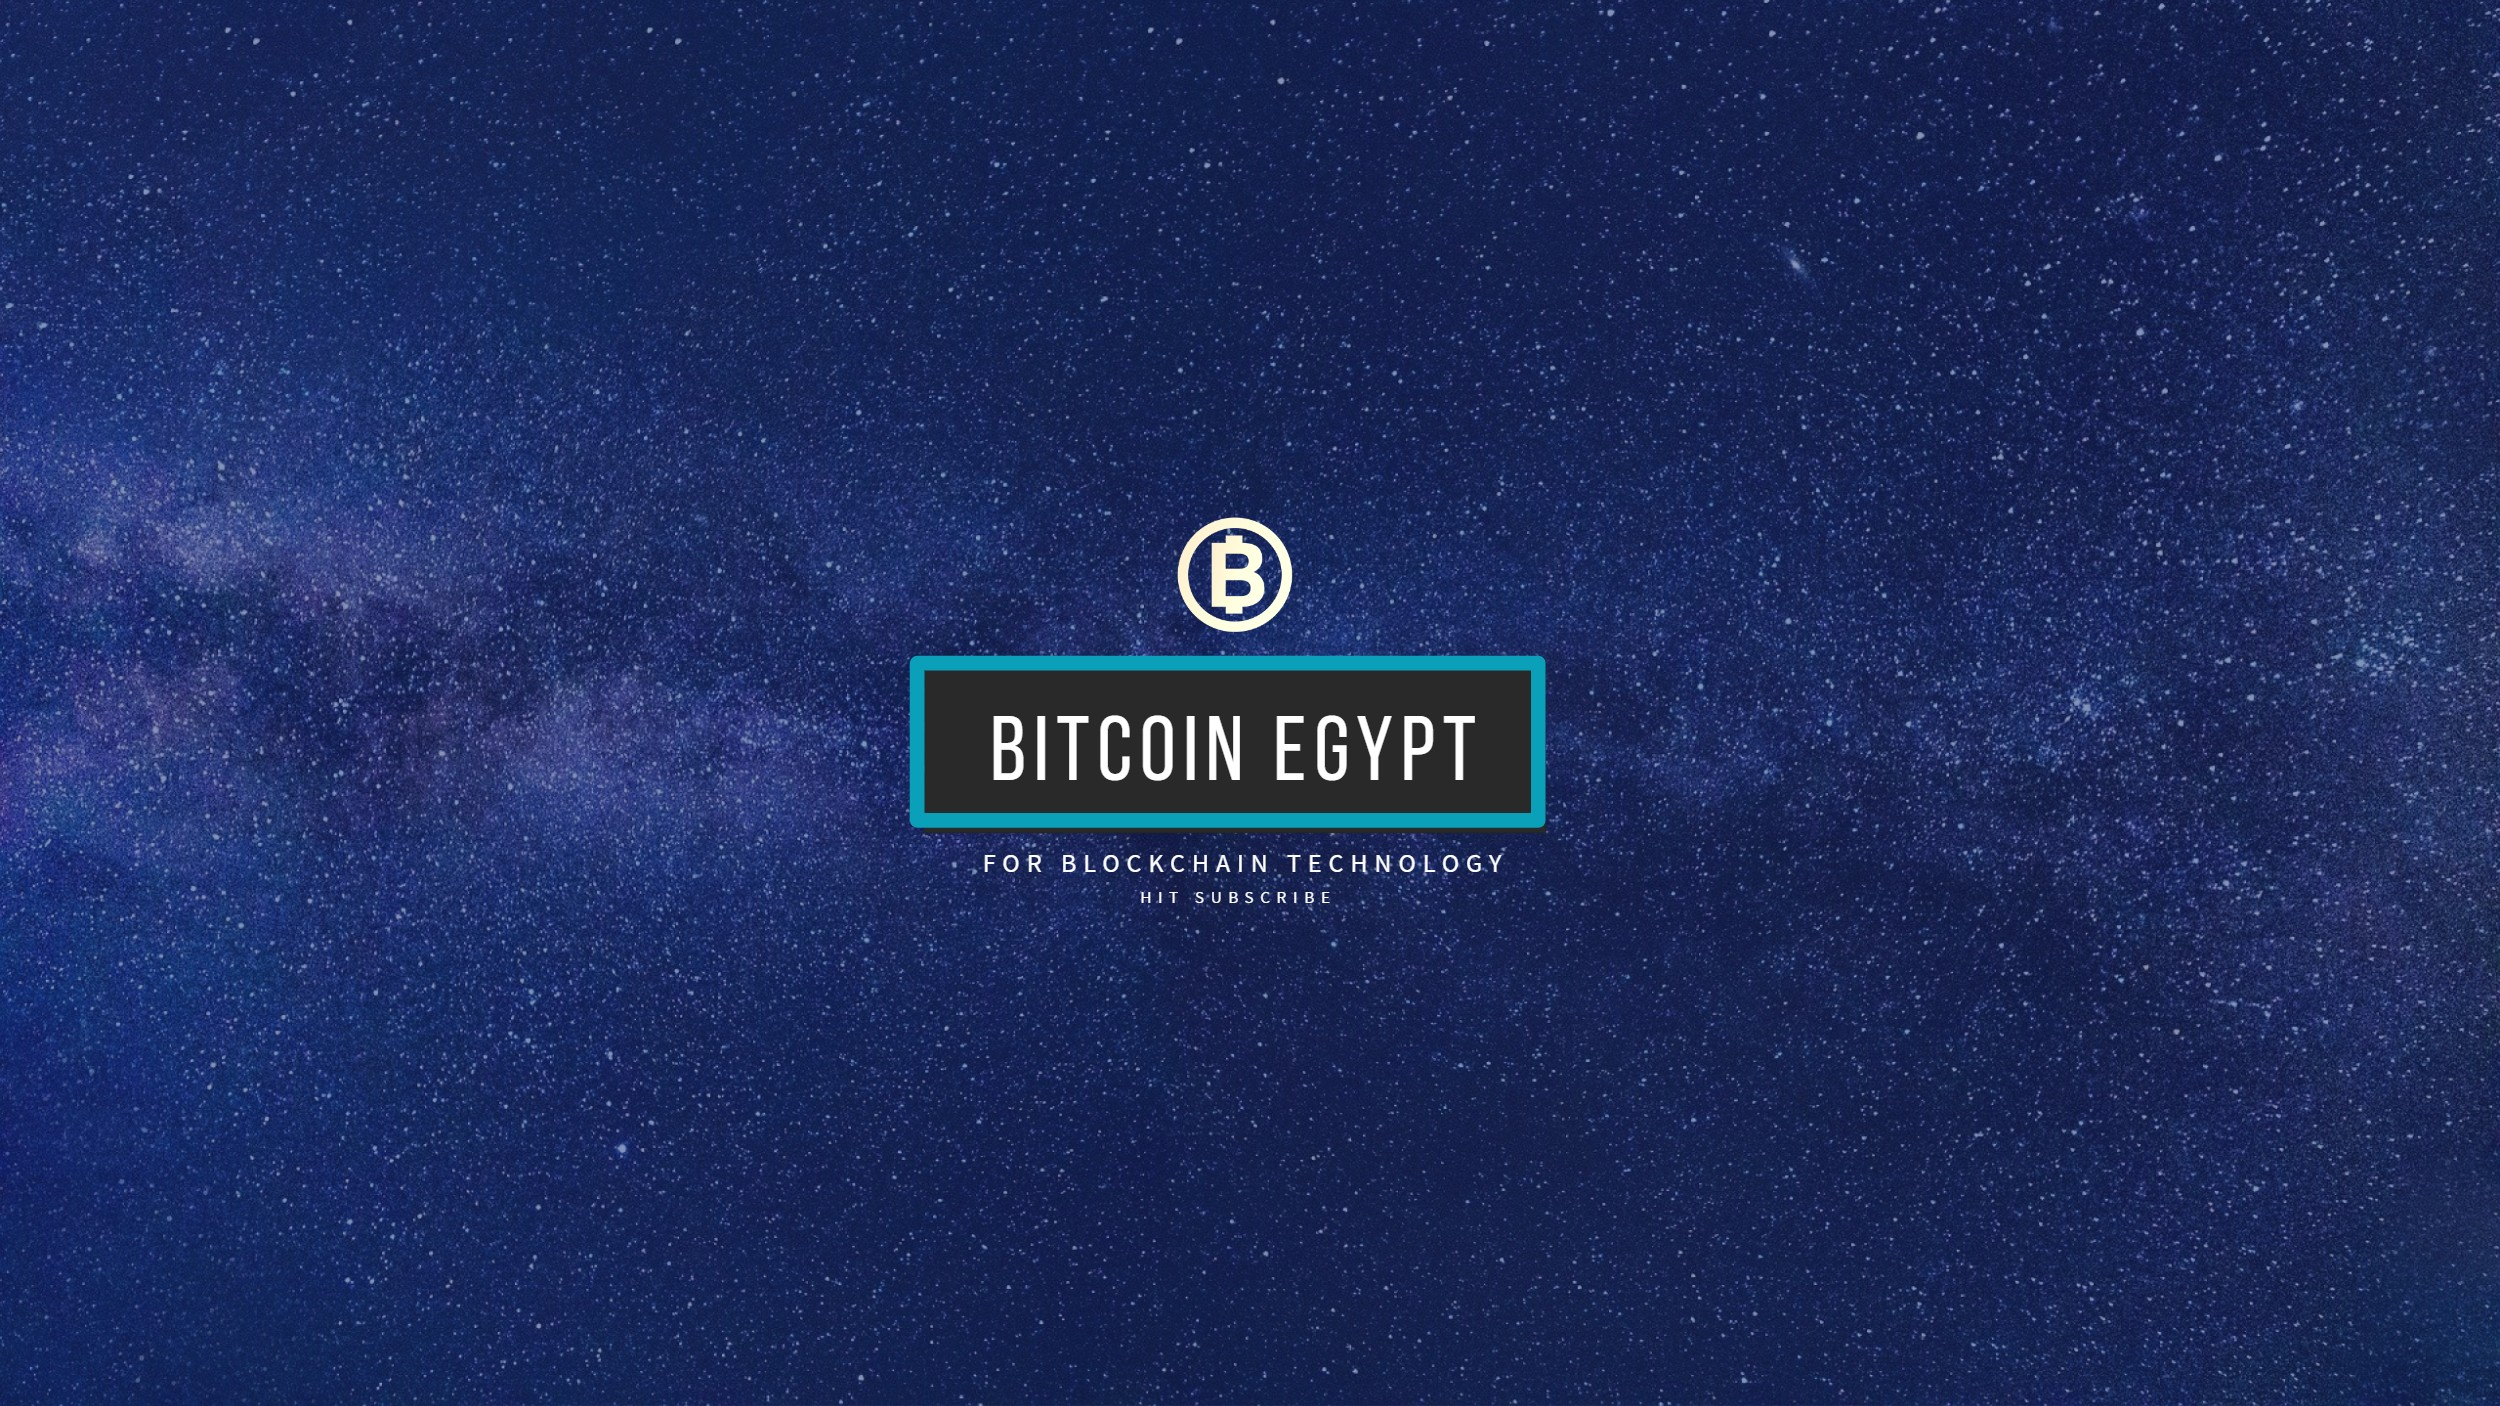 vásároljon bitcoint hitelkártyával vagy paypal-val bitcoin bányászati hardverbeállítás